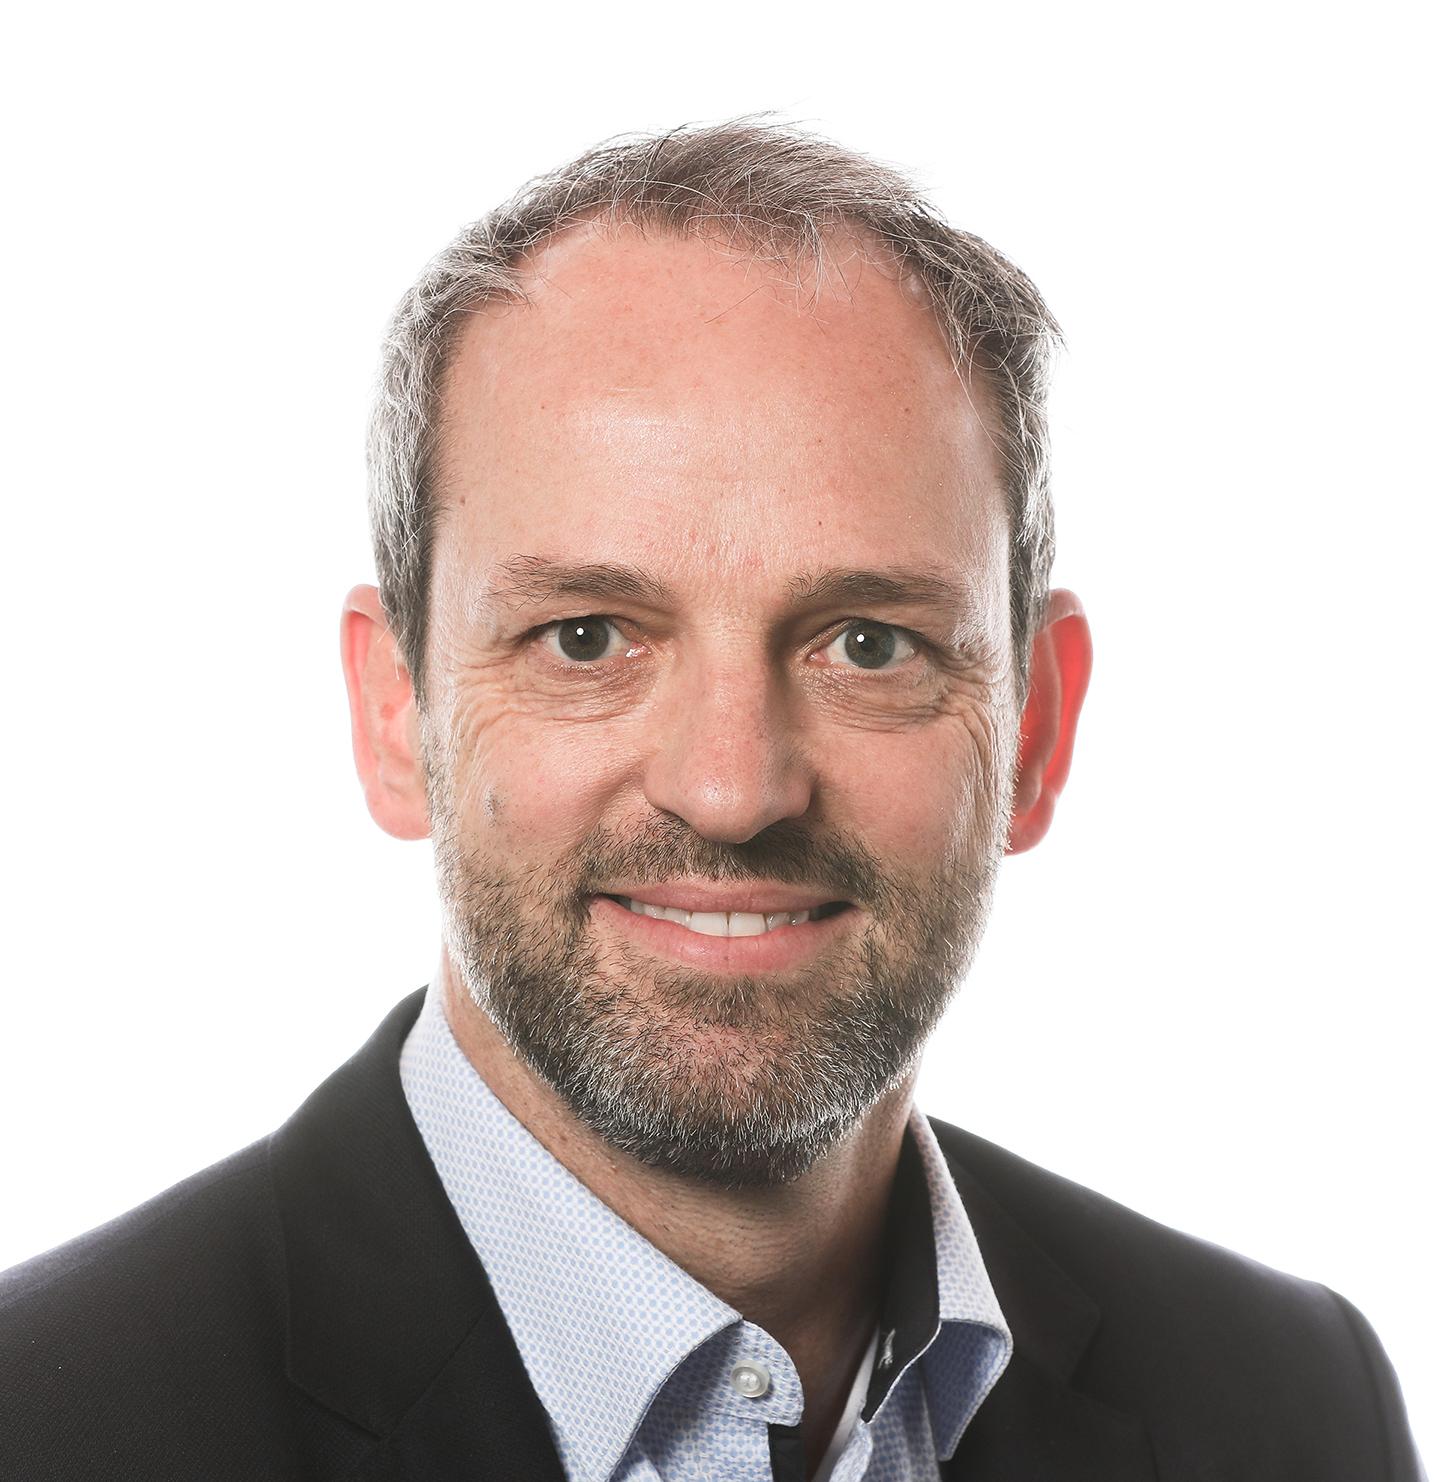 Picture of Robert Riener